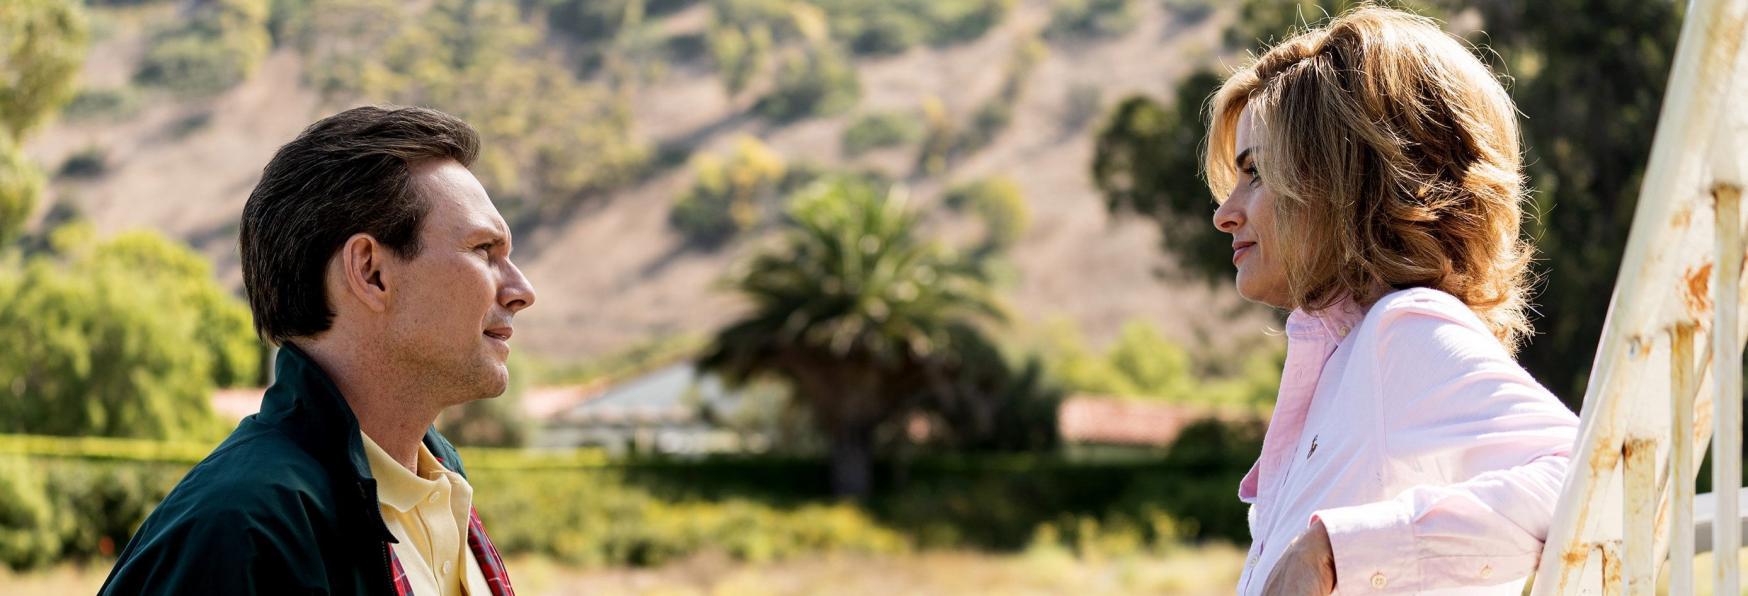 Dirty John 2: Trama, Cast, Data e altre Informazioni sulla nuova Stagione della Serie TV